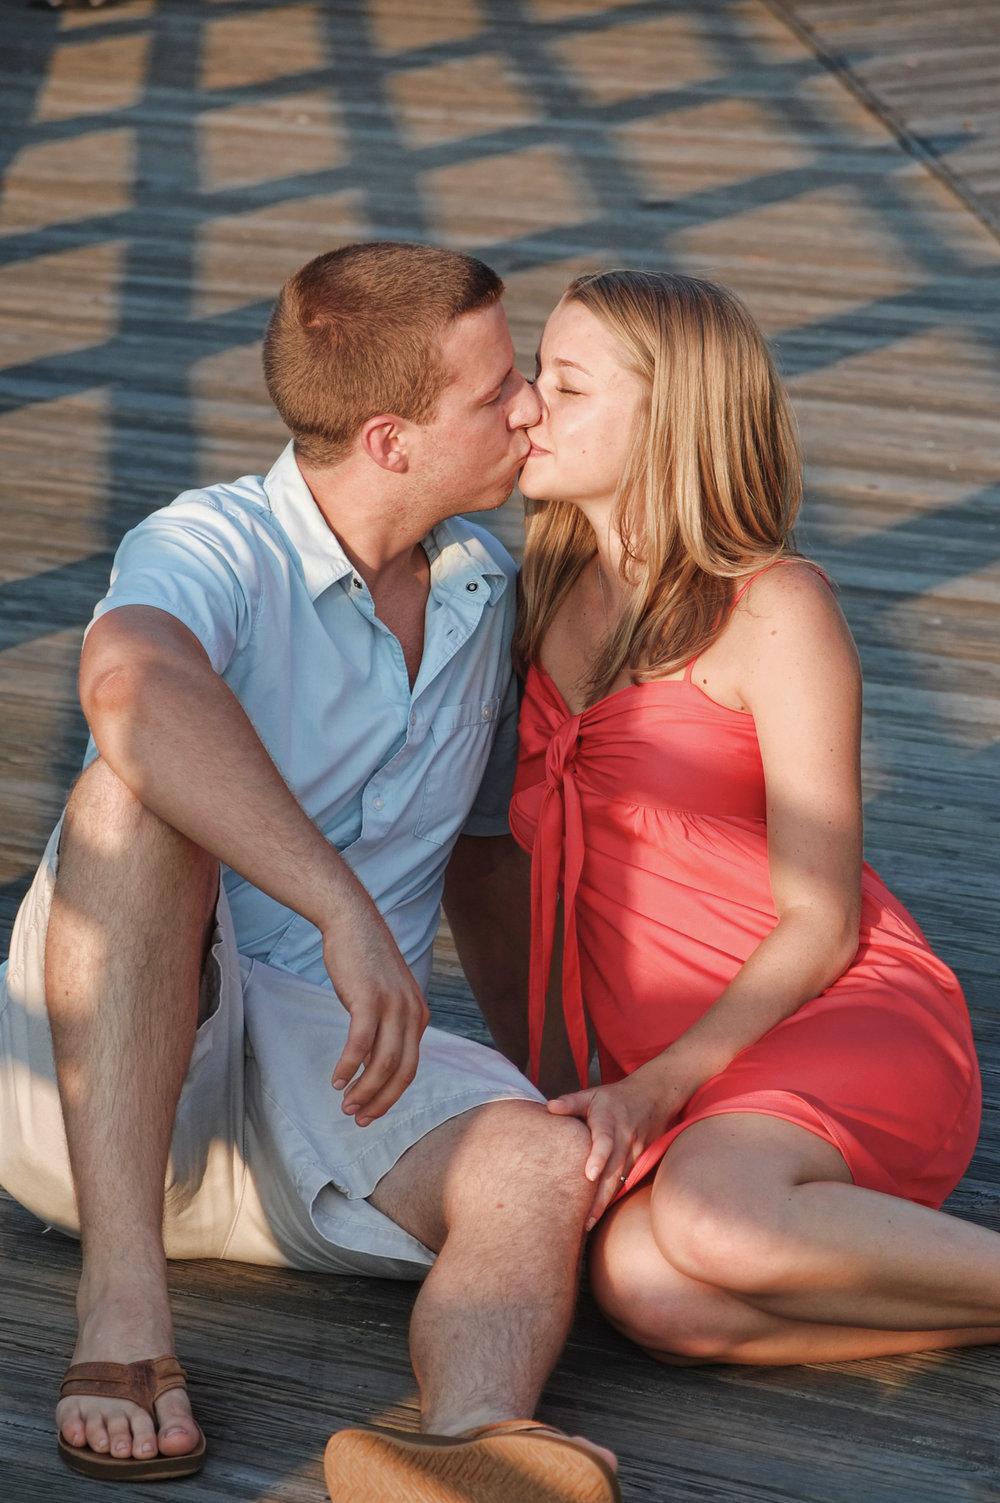 Engagement portrait, riverwalk in Wilmington, NC.